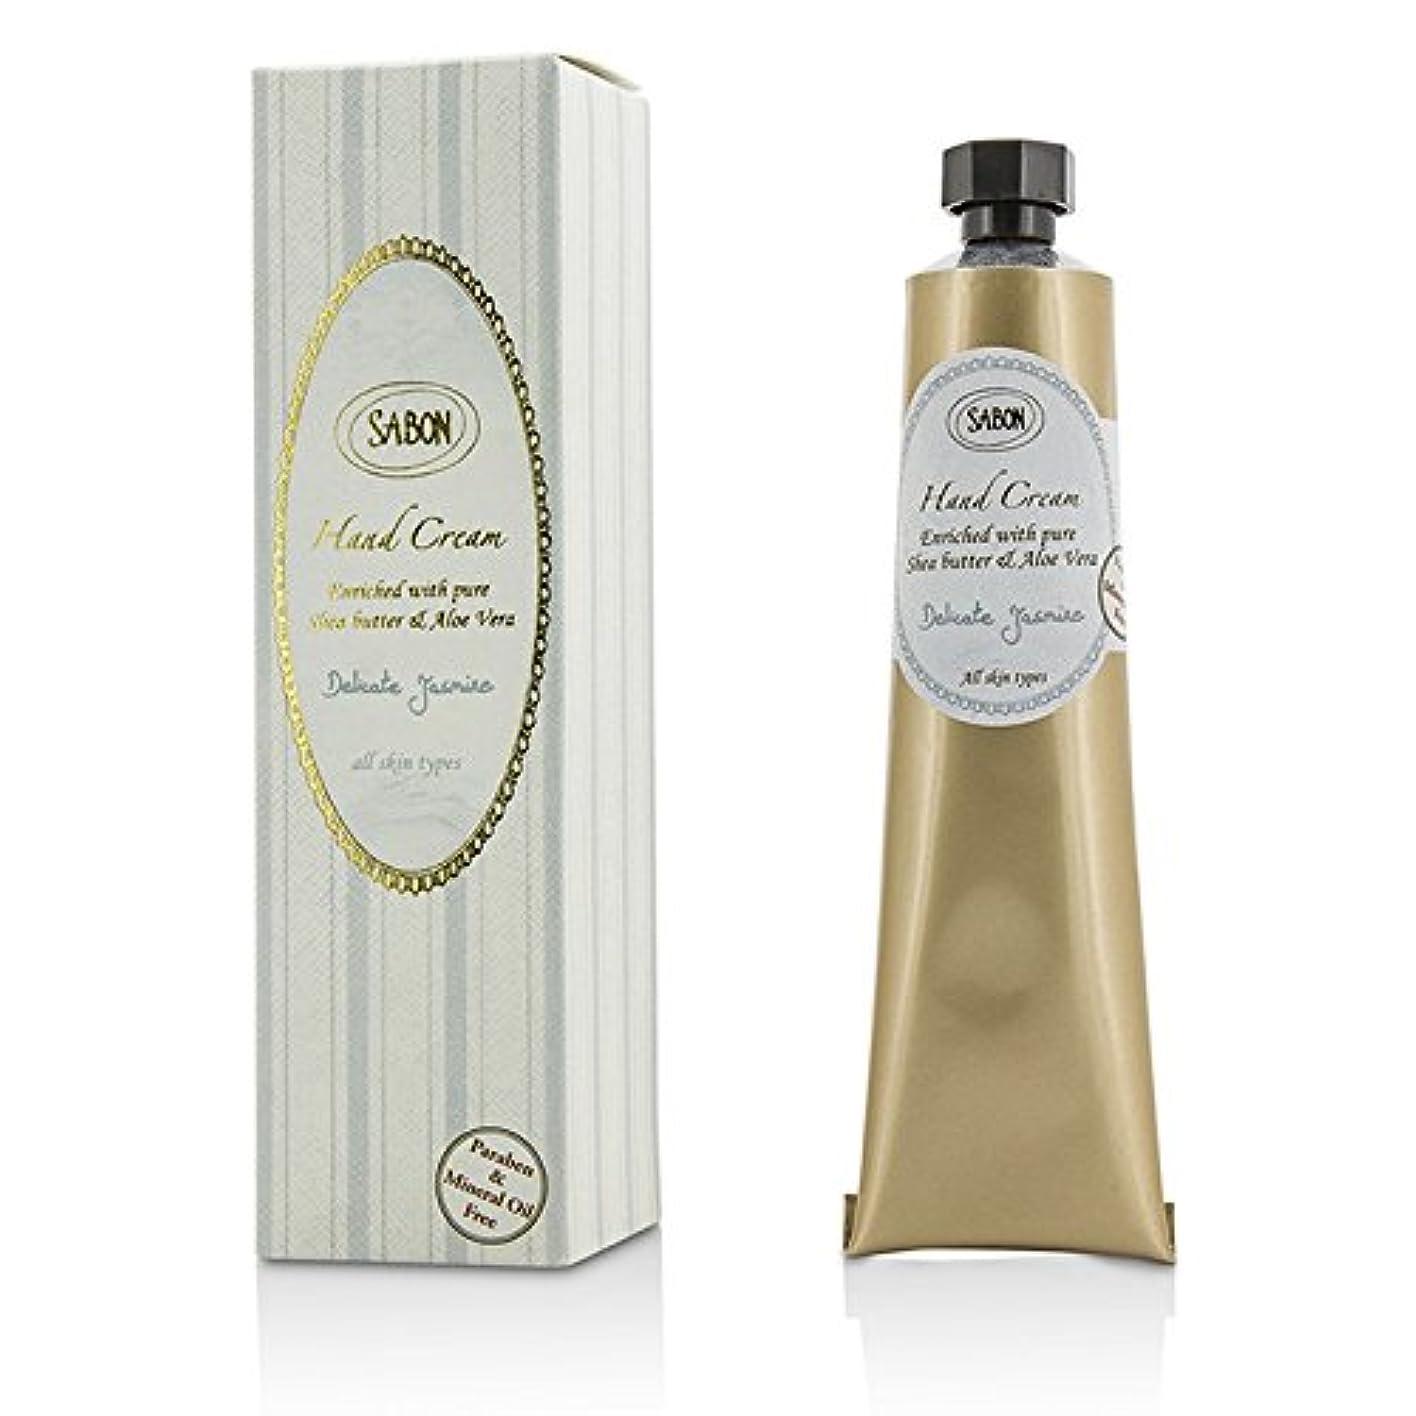 オーバードロー発行する忘れっぽいサボン Hand Cream - Delicate Jasmine (Tube) 50ml/1.66oz並行輸入品